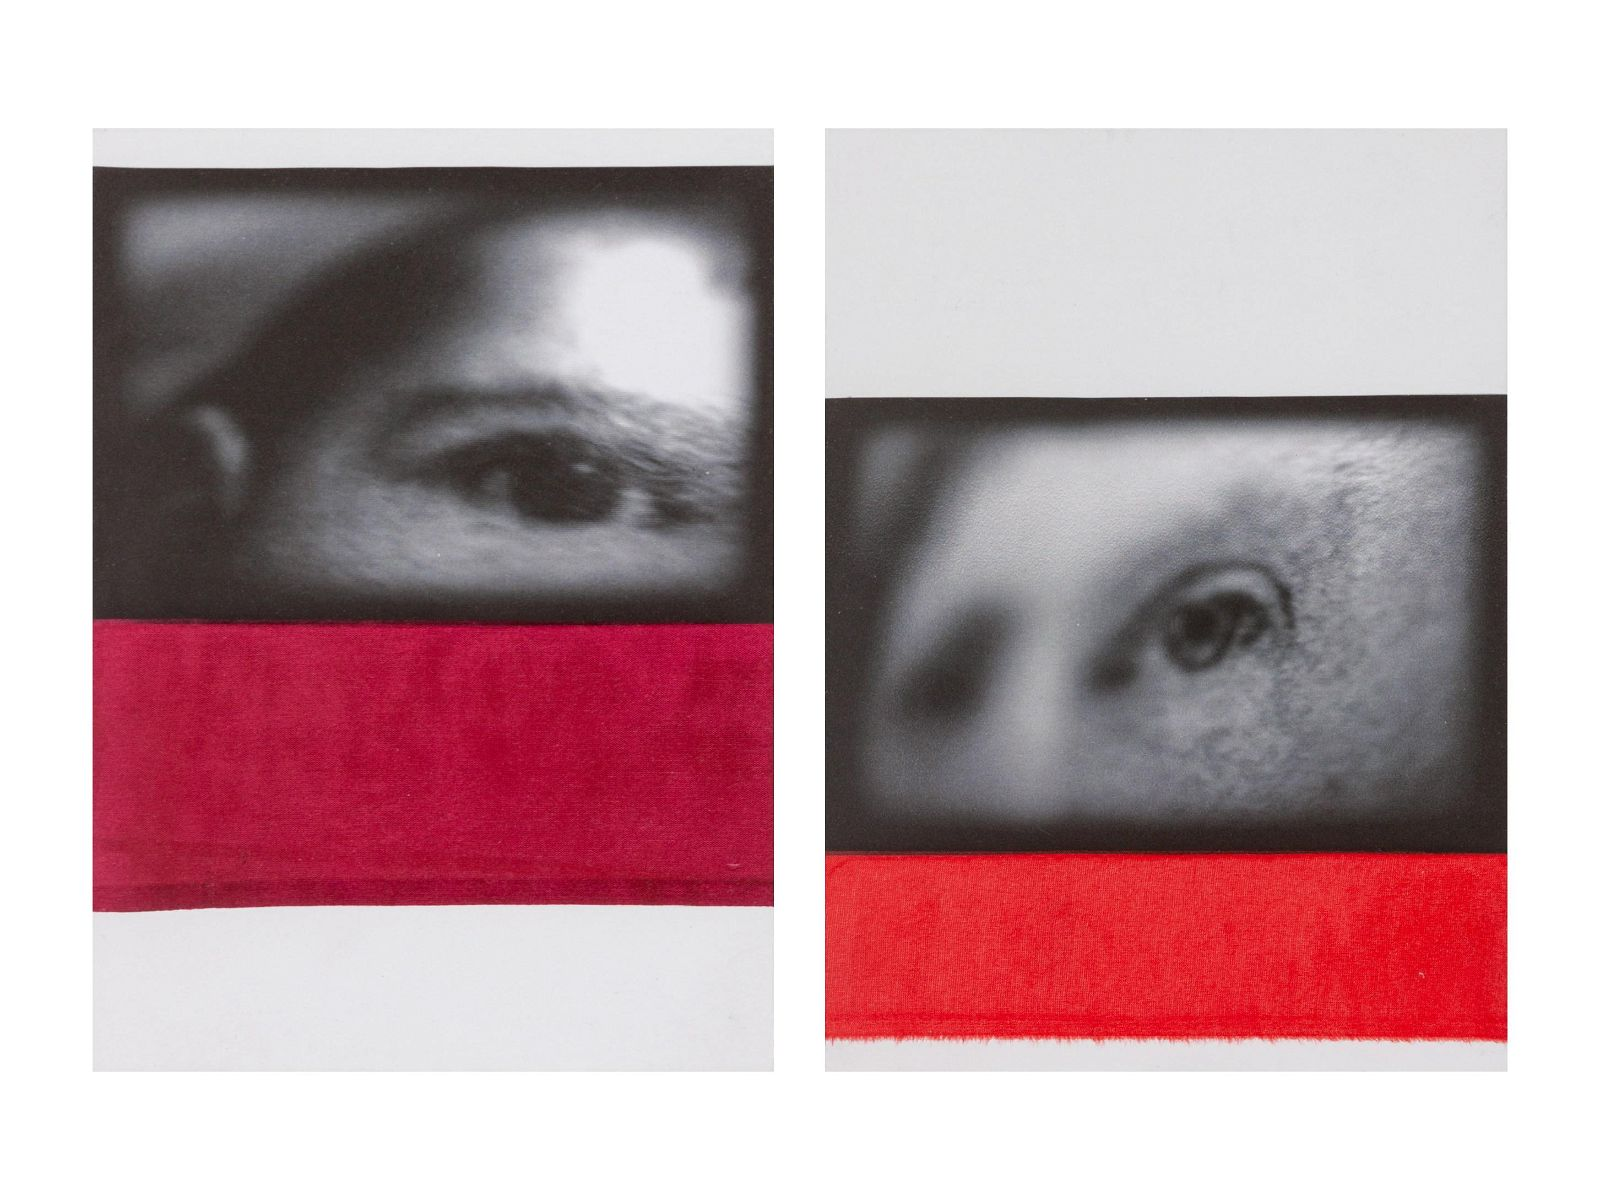 Ann Hamilton (American, b. 1956) Untitled, 2010 (a pair